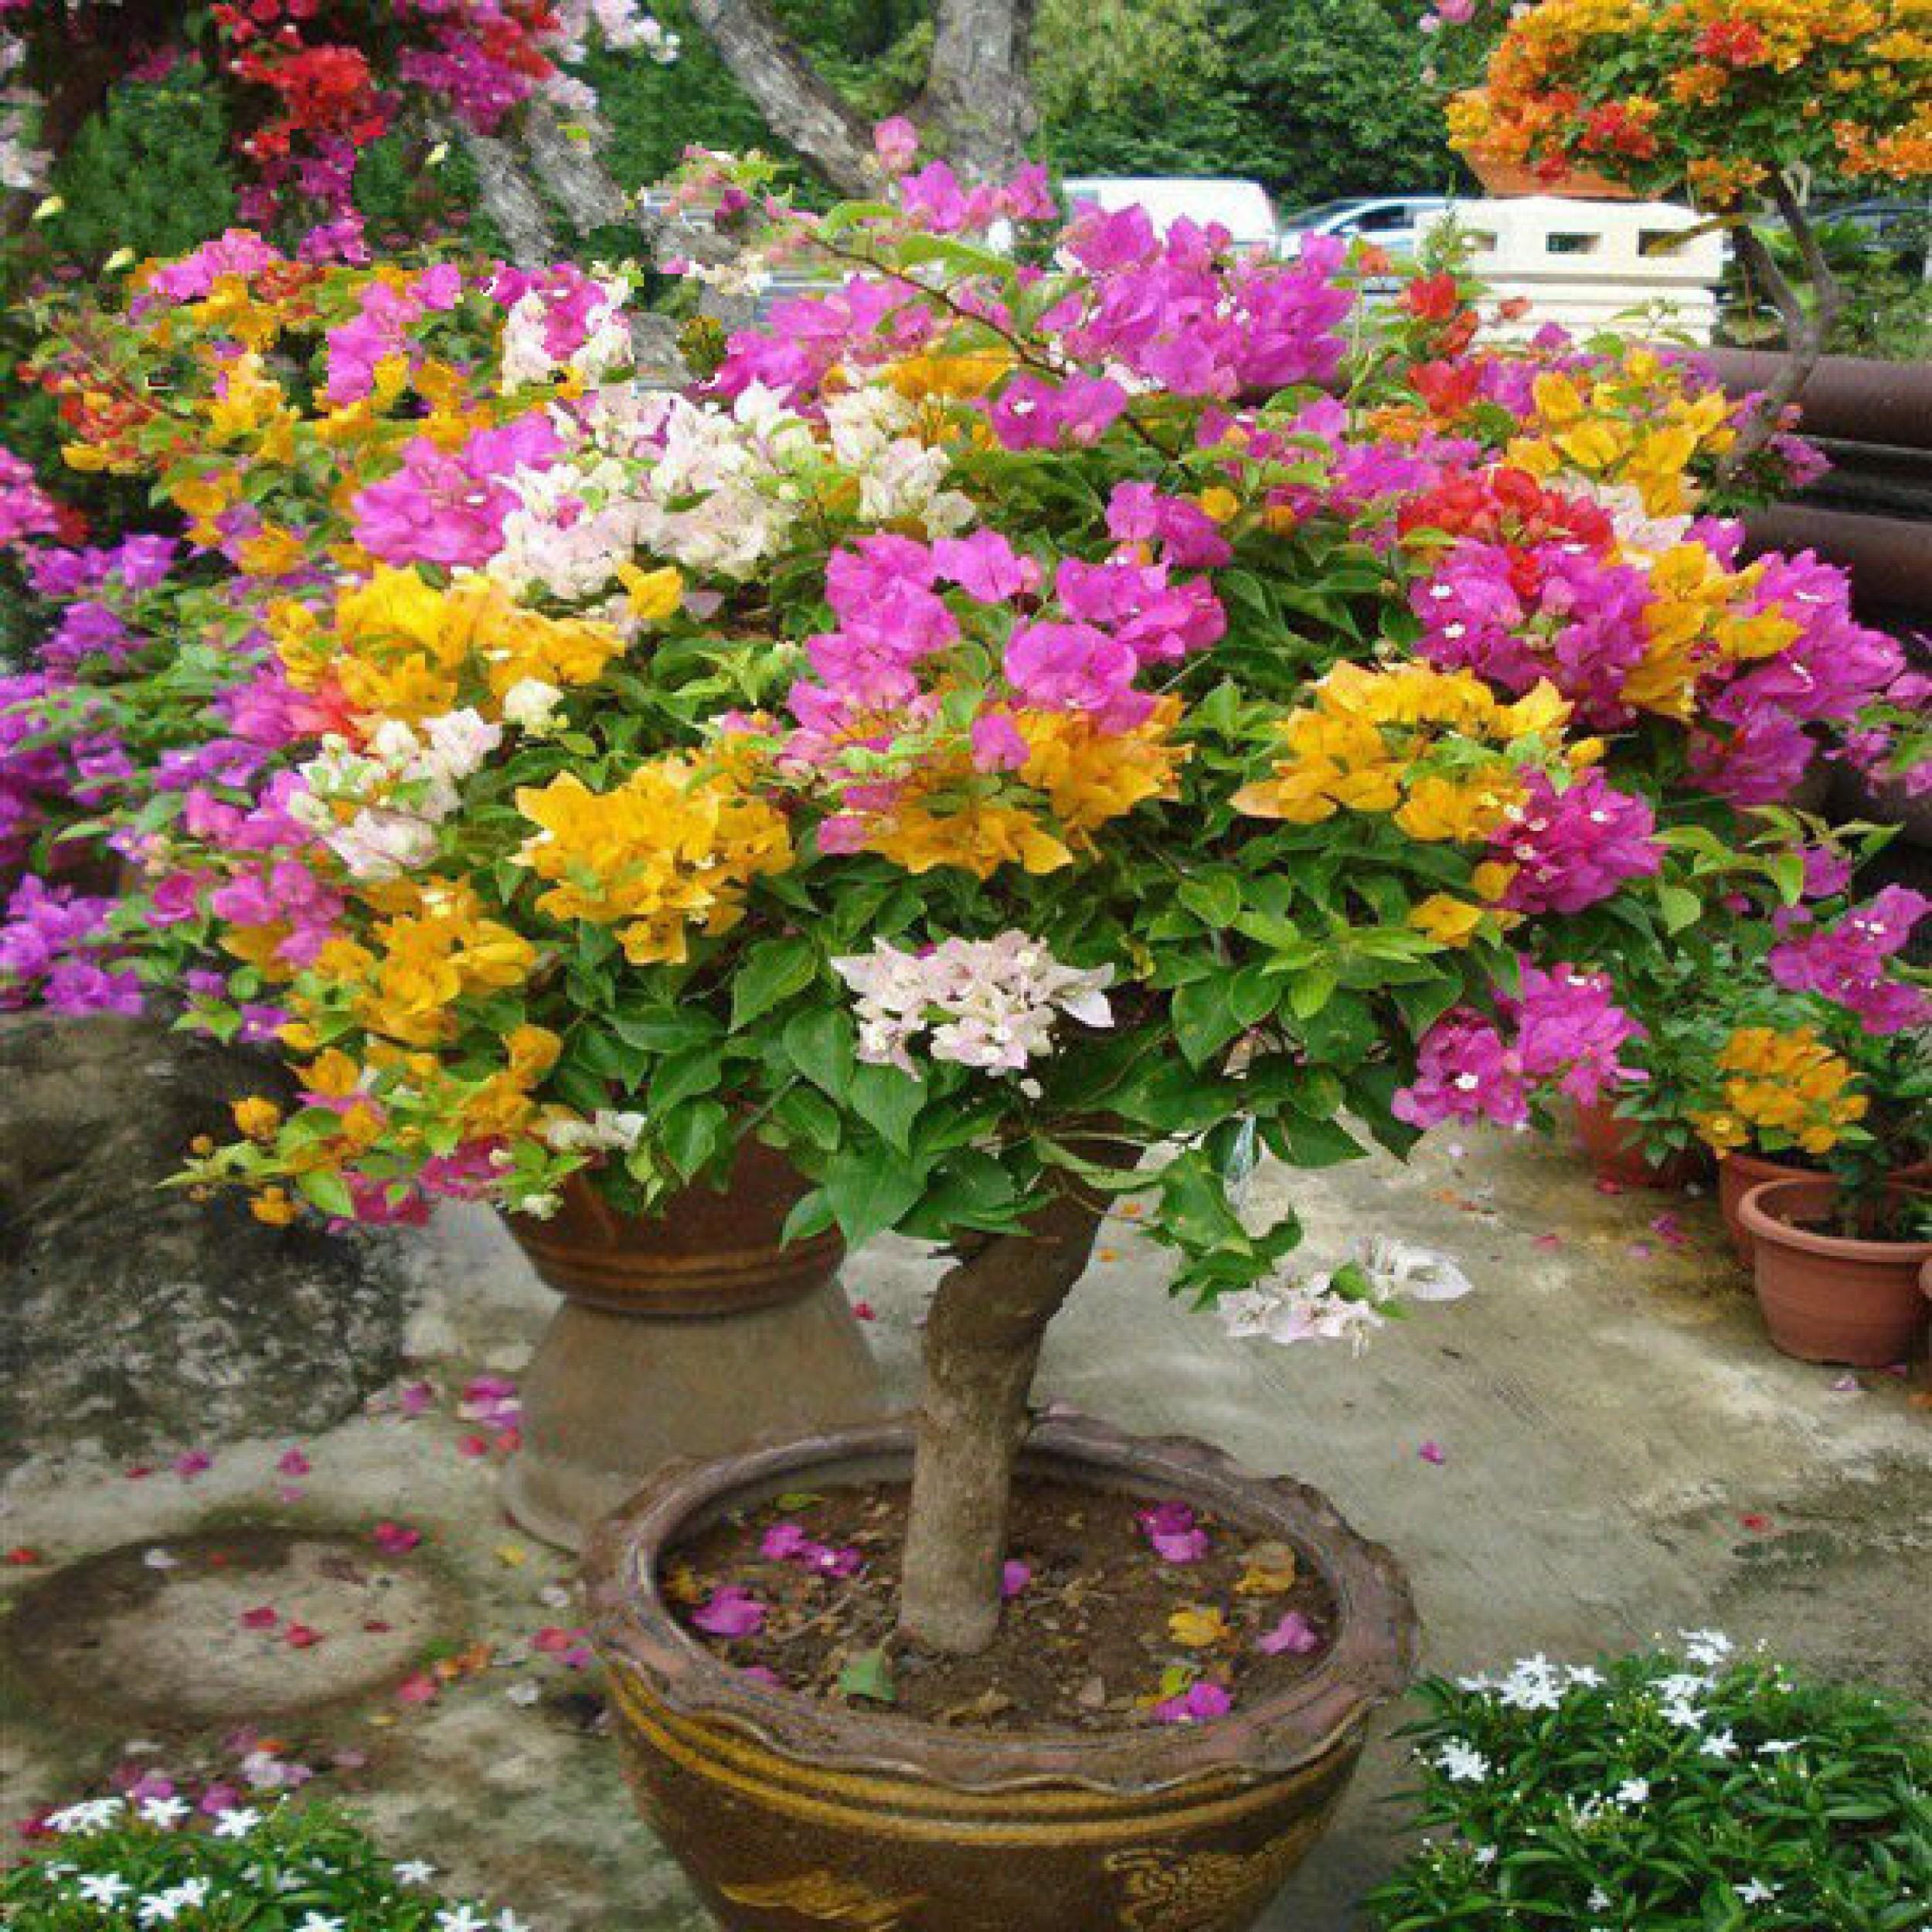 五色梅三角梅花海五彩四季梅花变色苗盆栽苗庭院耐晒花开不断